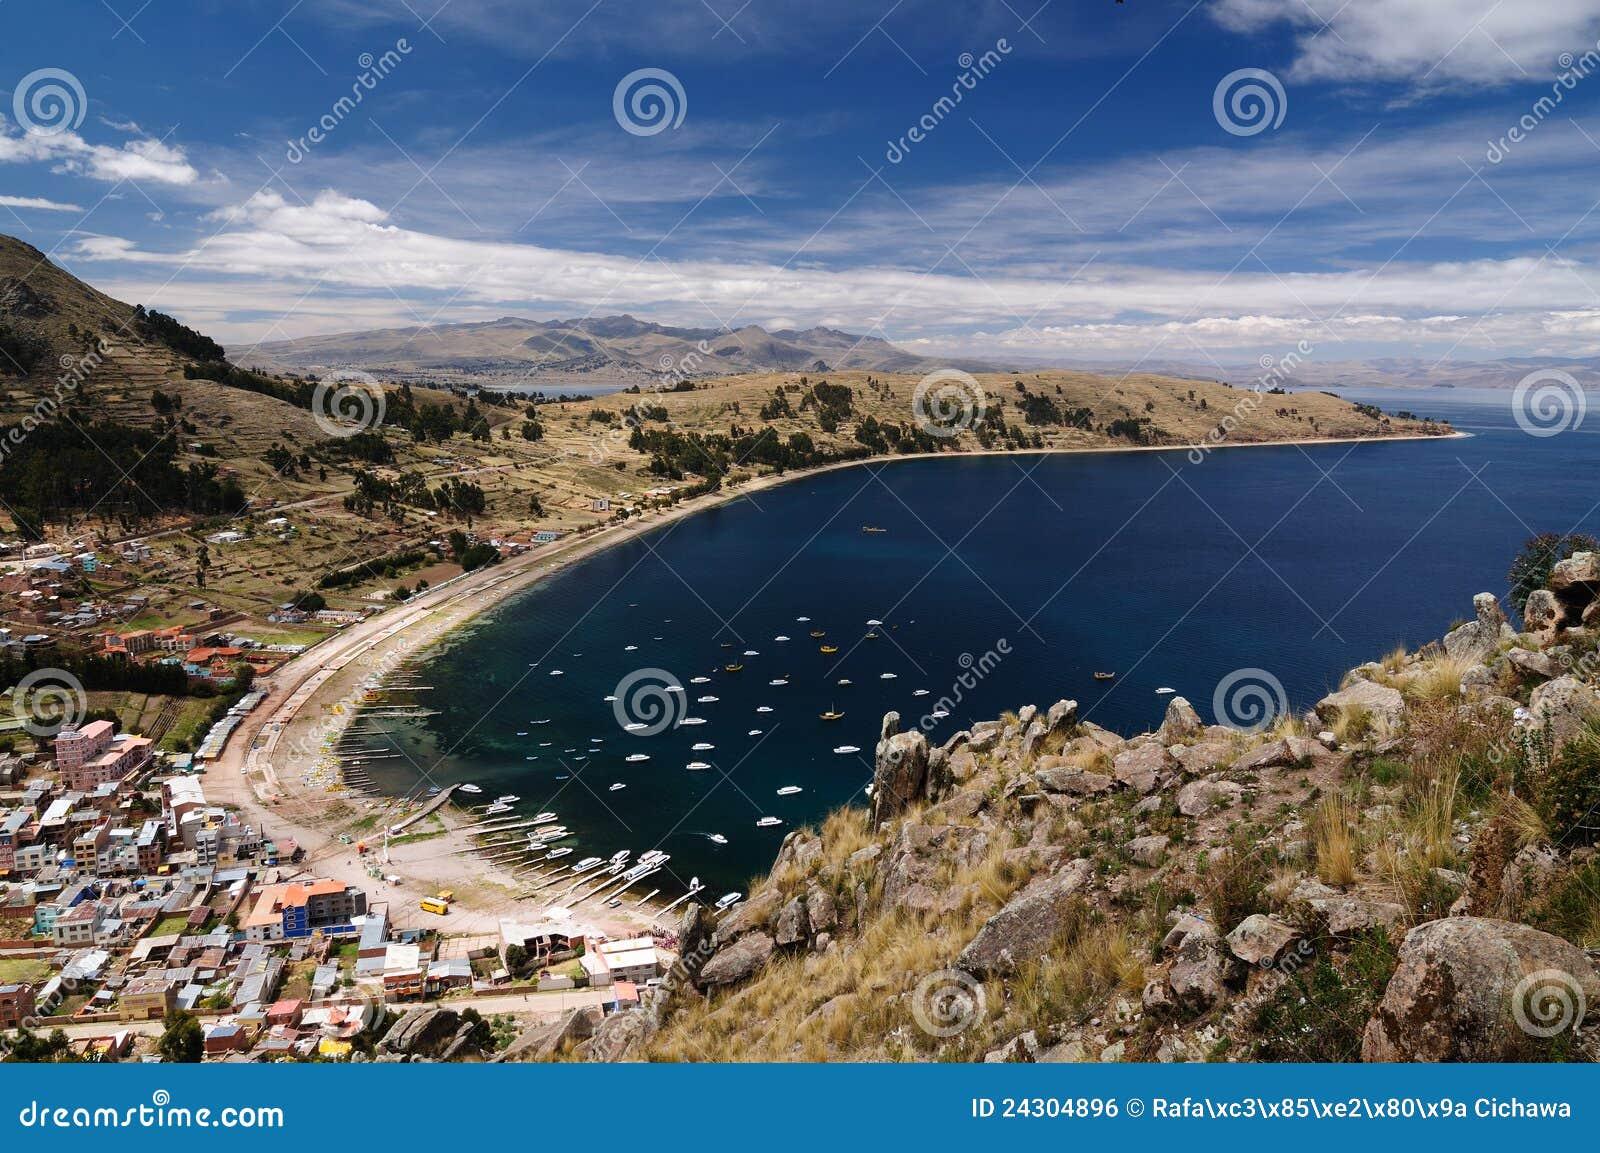 Citt di copacabana lago titicaca bolivia immagine stock for Affitti cabina grande lago orso